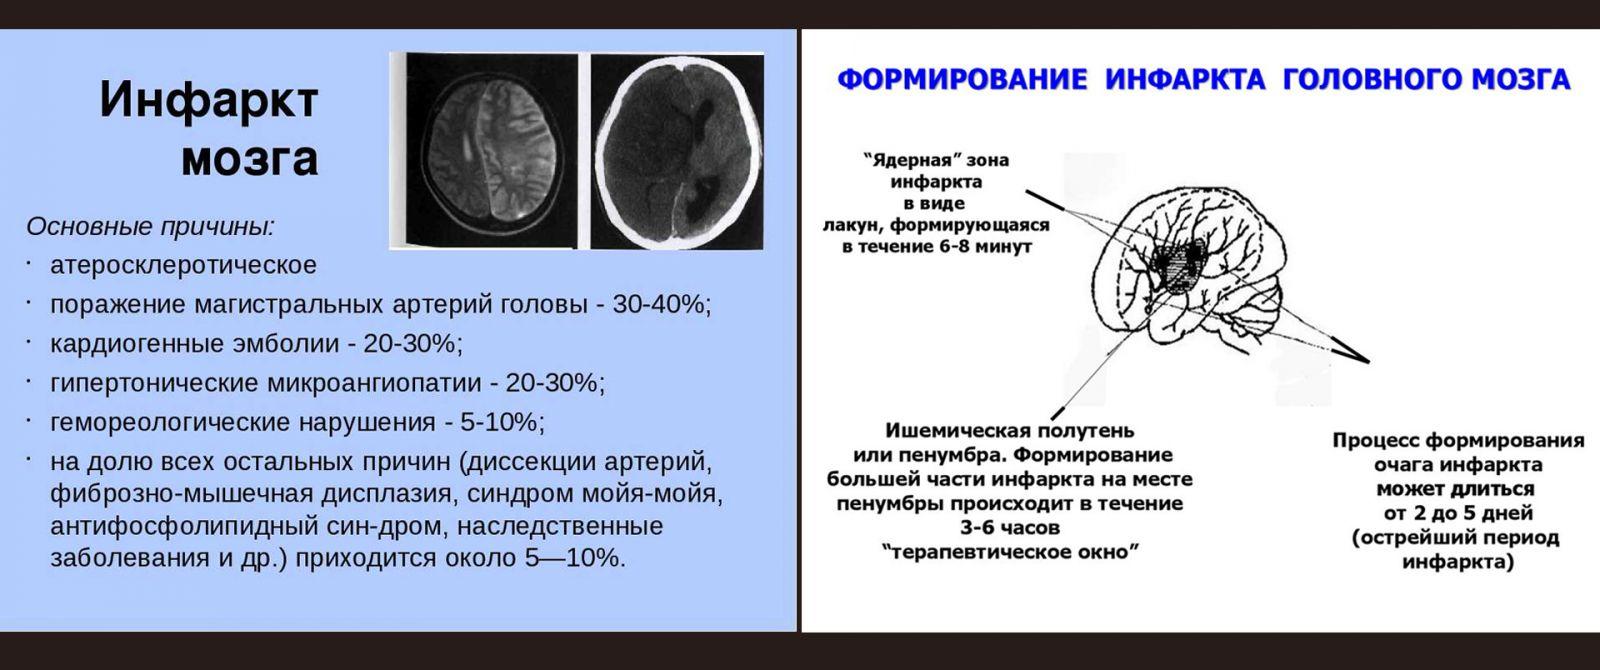 Инфаркт головного мозга: что это такое, чем отличается от инсульта